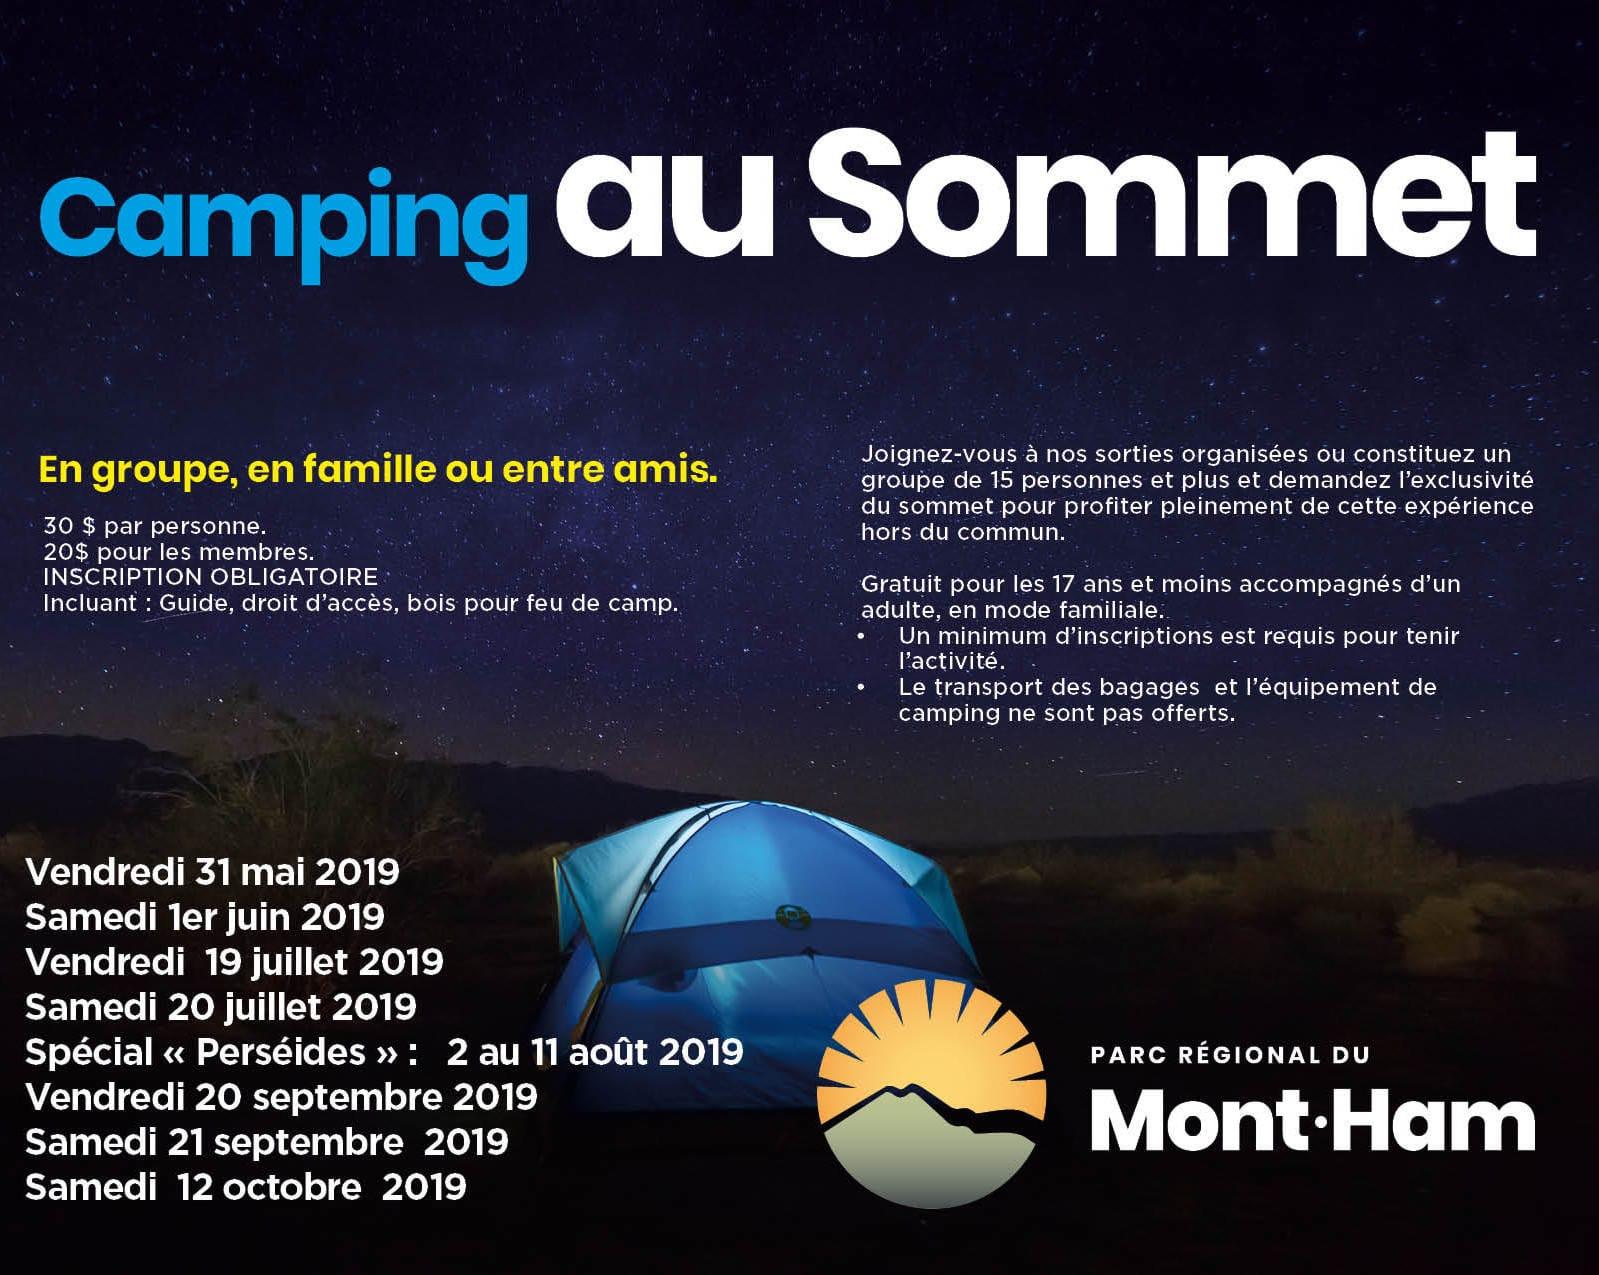 Camping au sommet du Mont-Ham